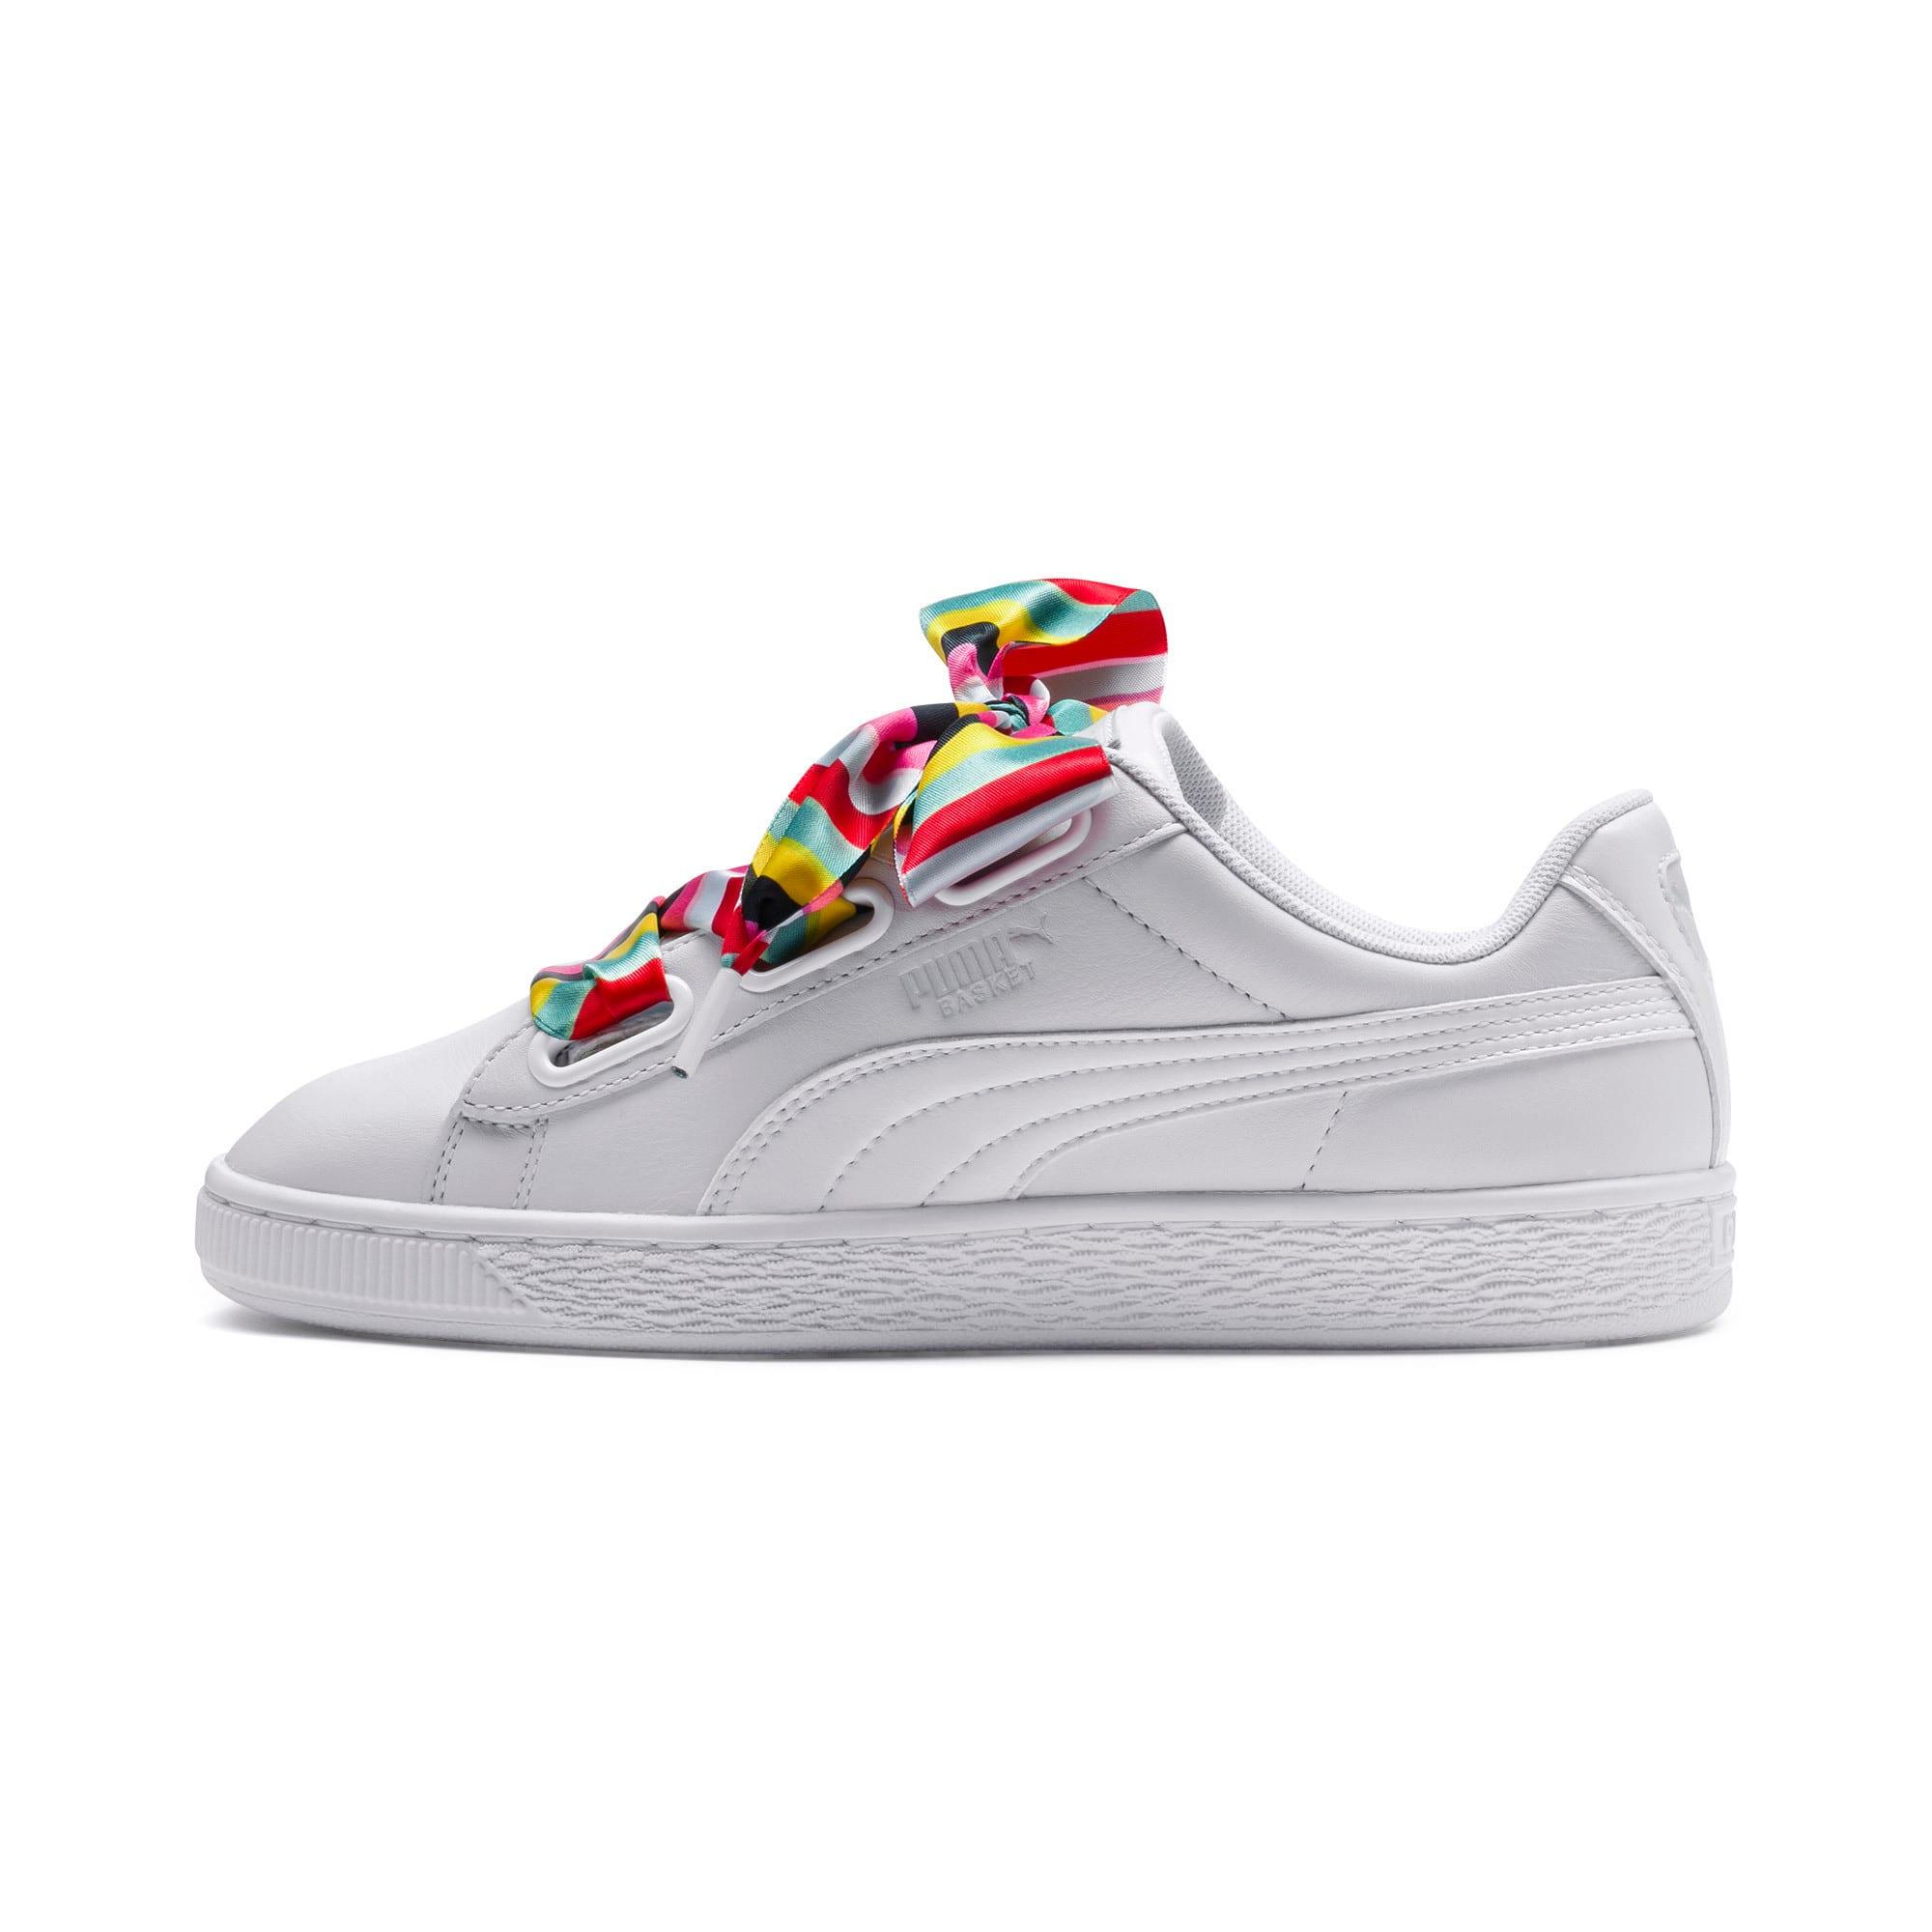 wholesale dealer 7946a 4b4a6 Basket Heart Gen Hustle Women's Sneakers